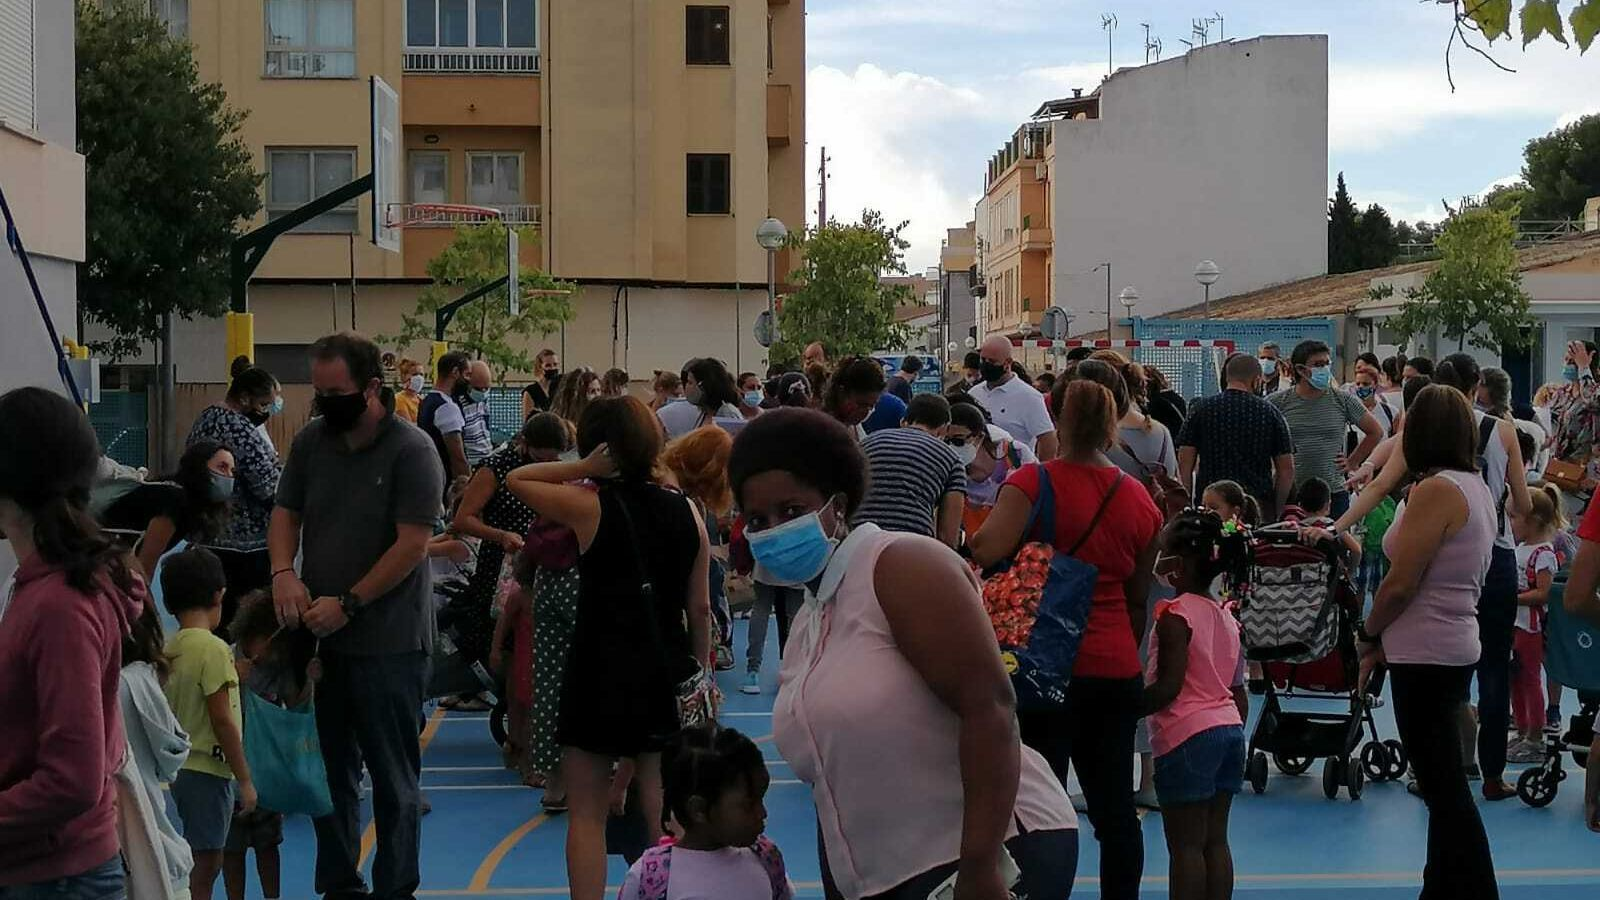 Al pati del CEIP Miquel Costa i Llobera hi ha hagut una petita aglomeració de pares i fills